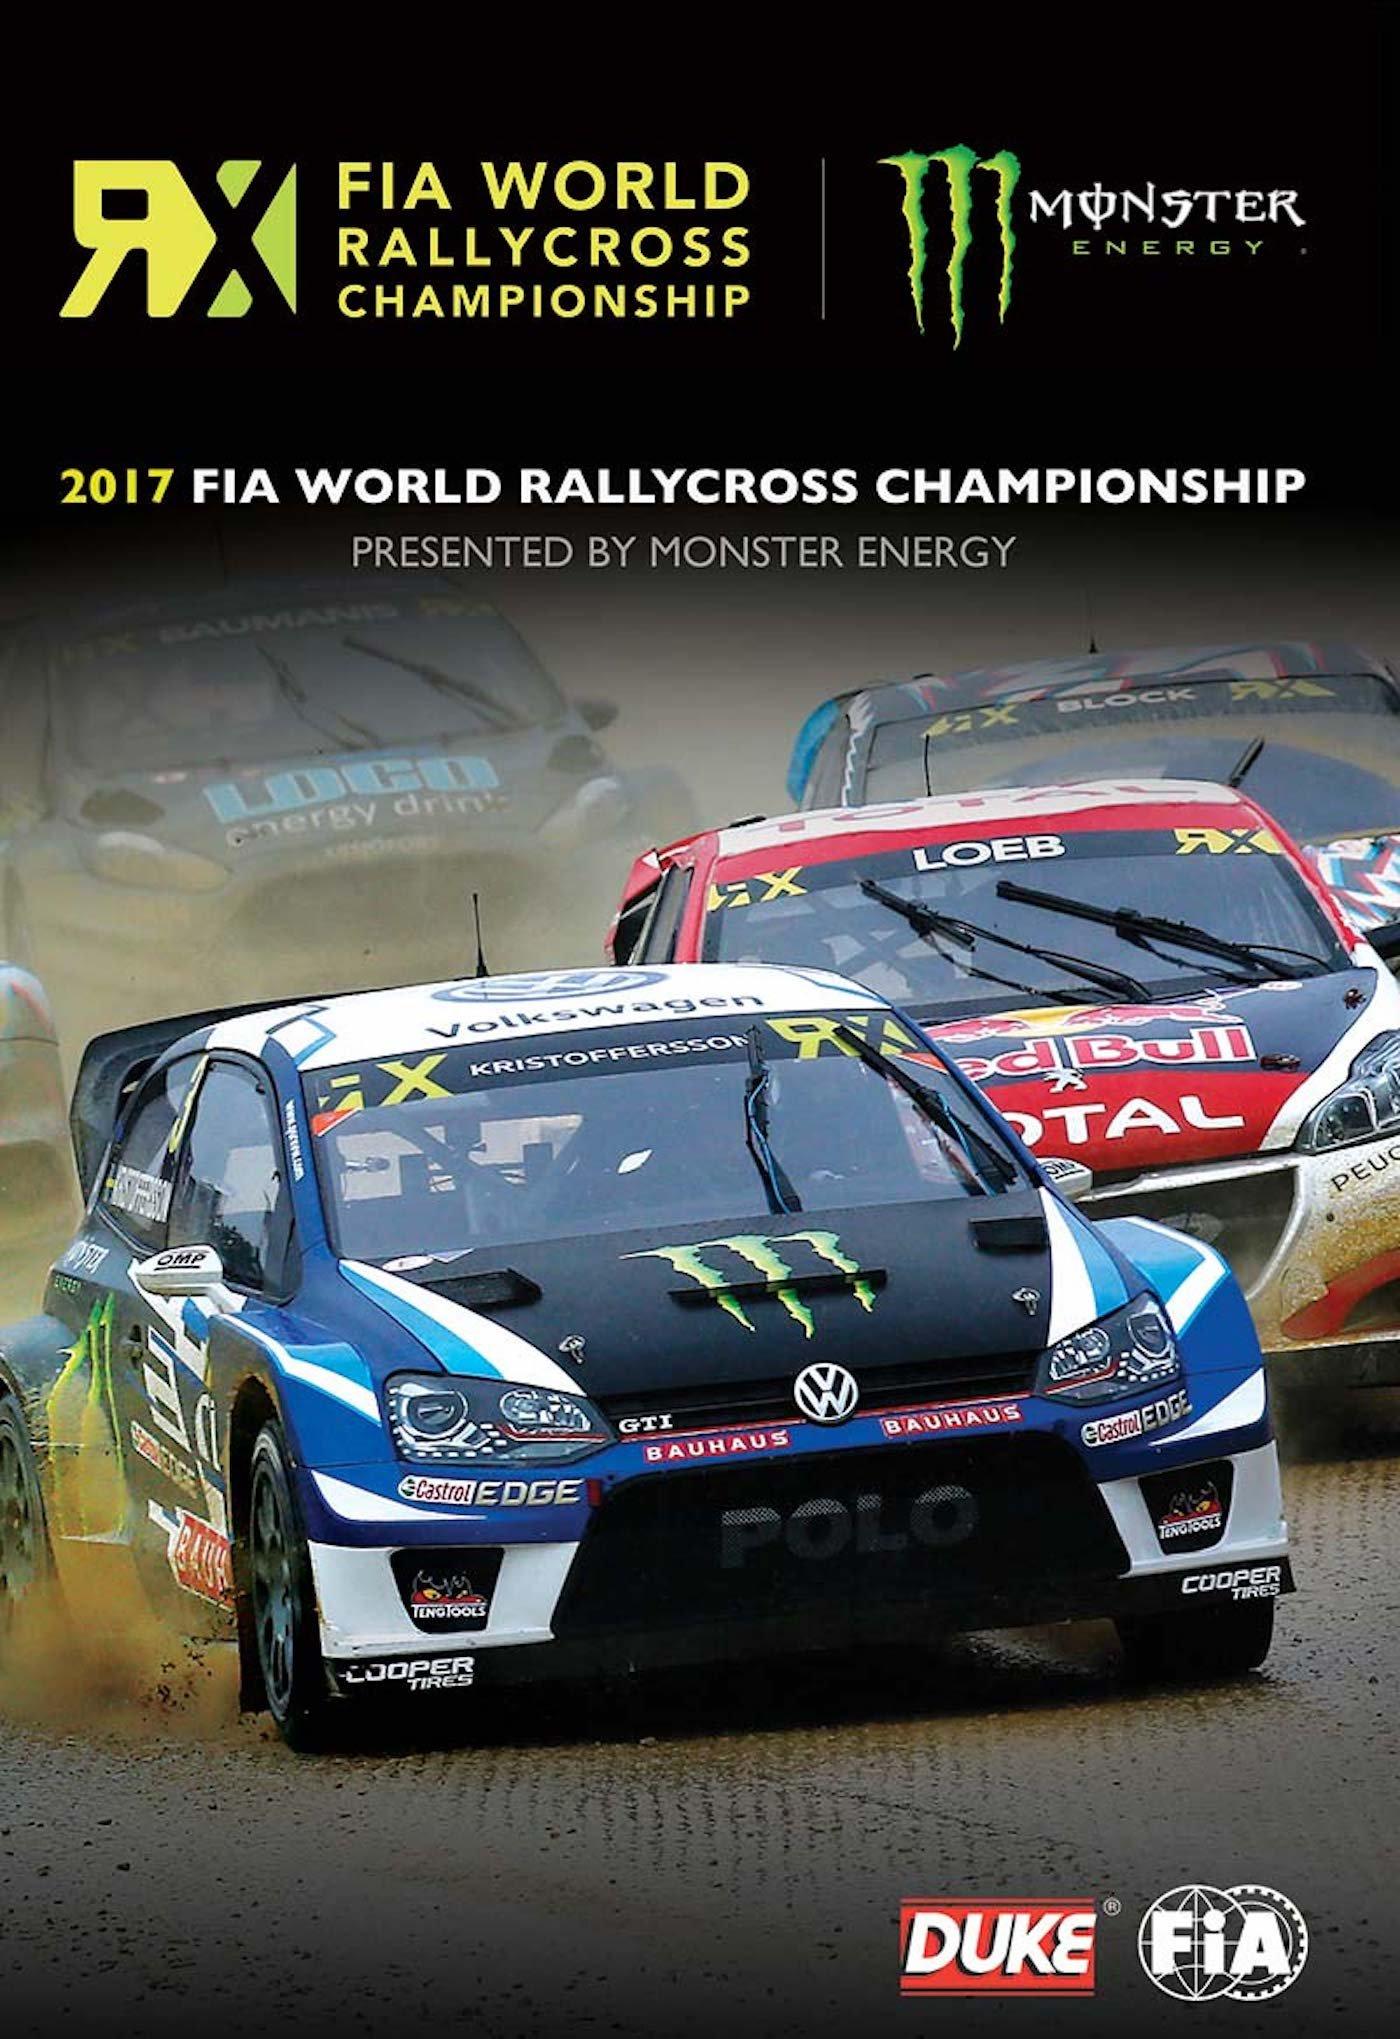 DVD : Fia World Rallycross 2017 Review (DVD)